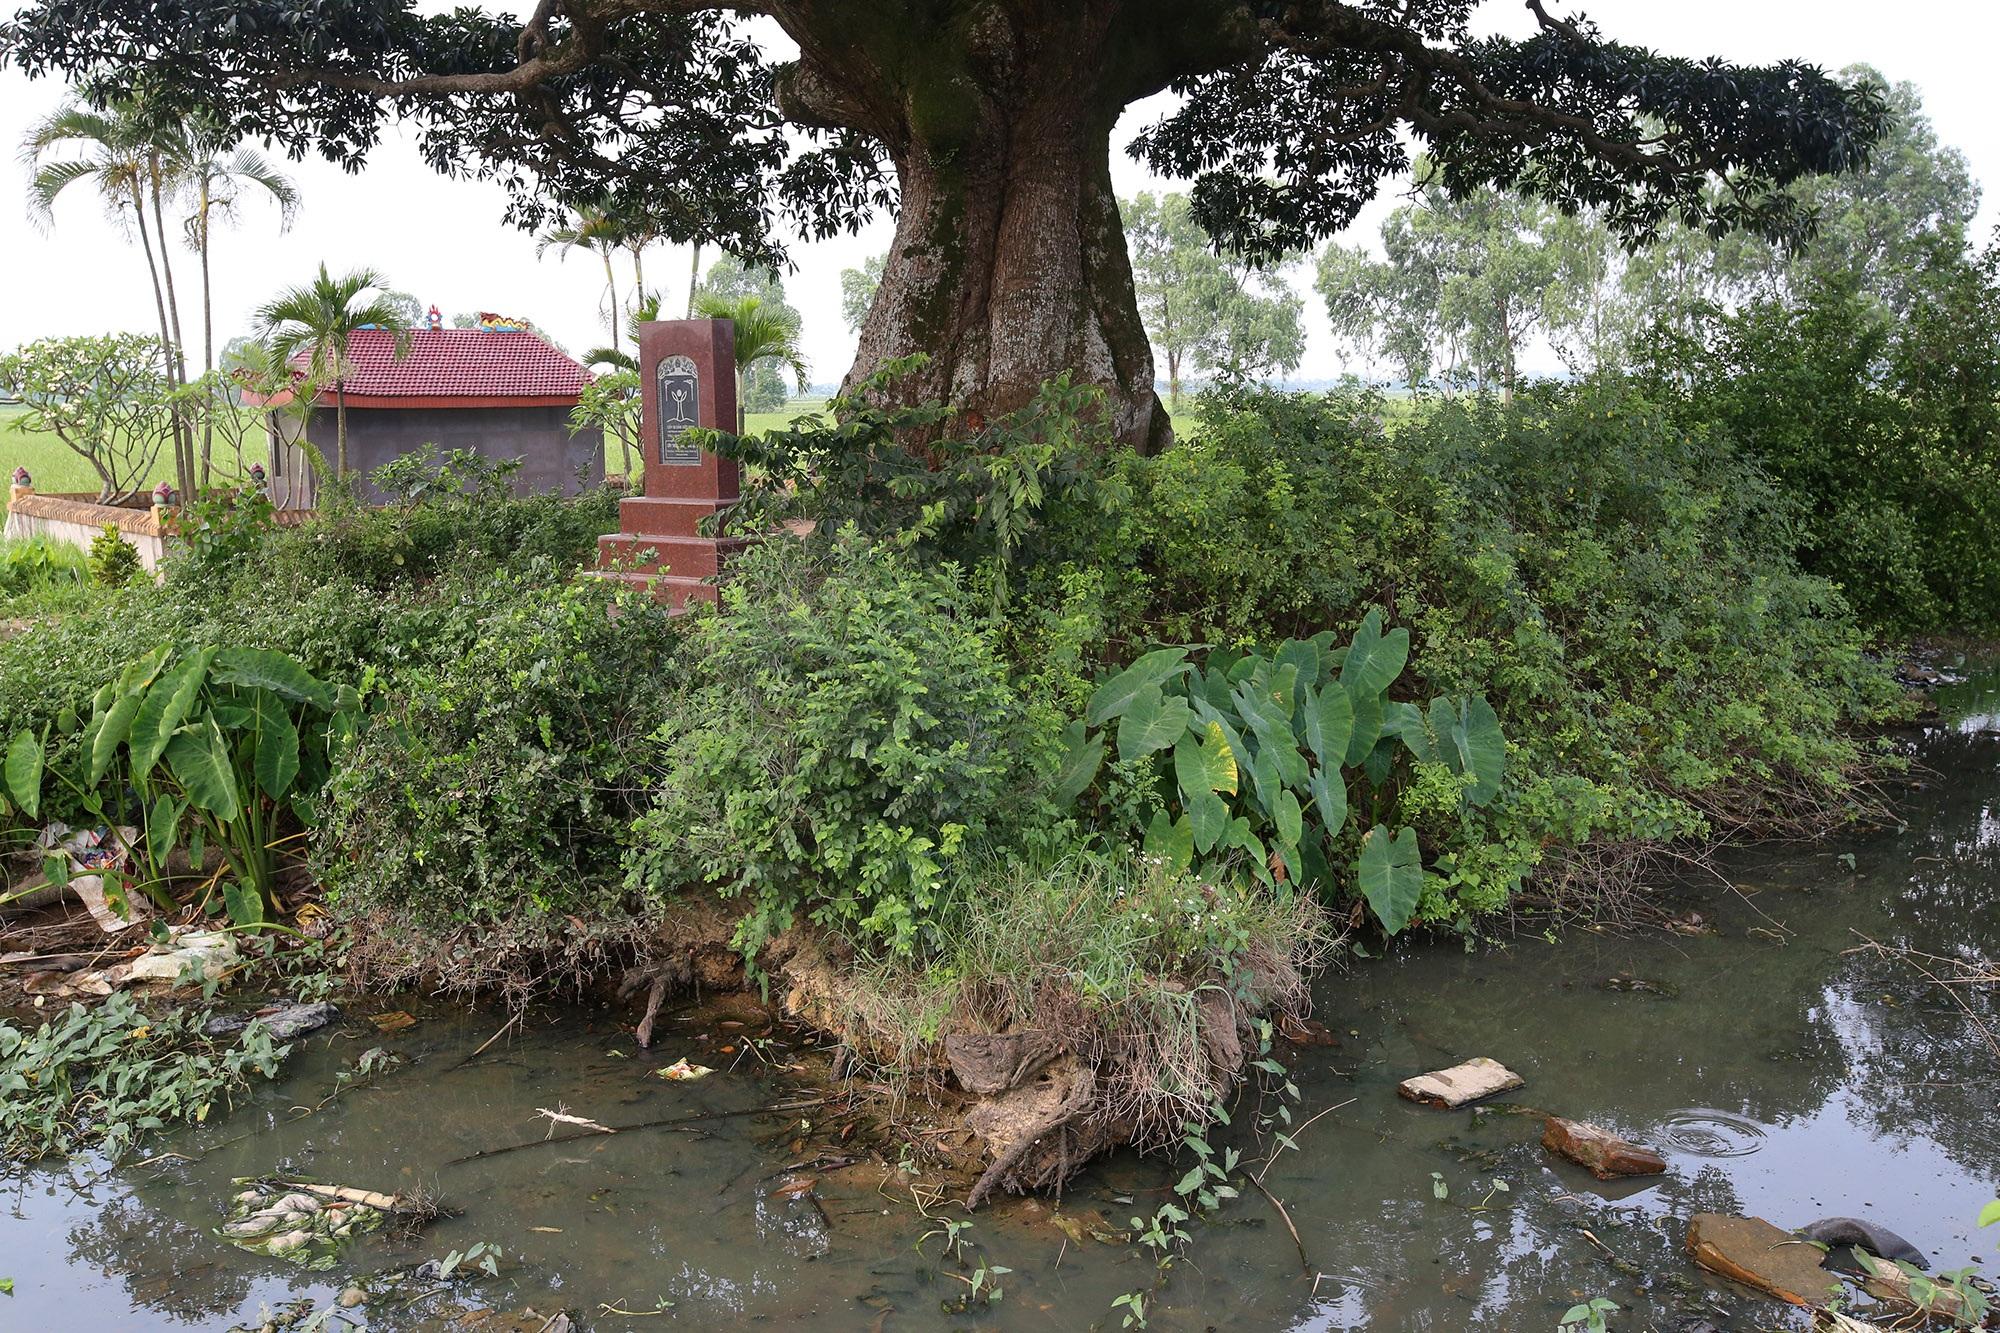 Hà Nội: Cây trôi cô đơn nghìn năm tuổi, báu vật của làng Bình Đà - 11